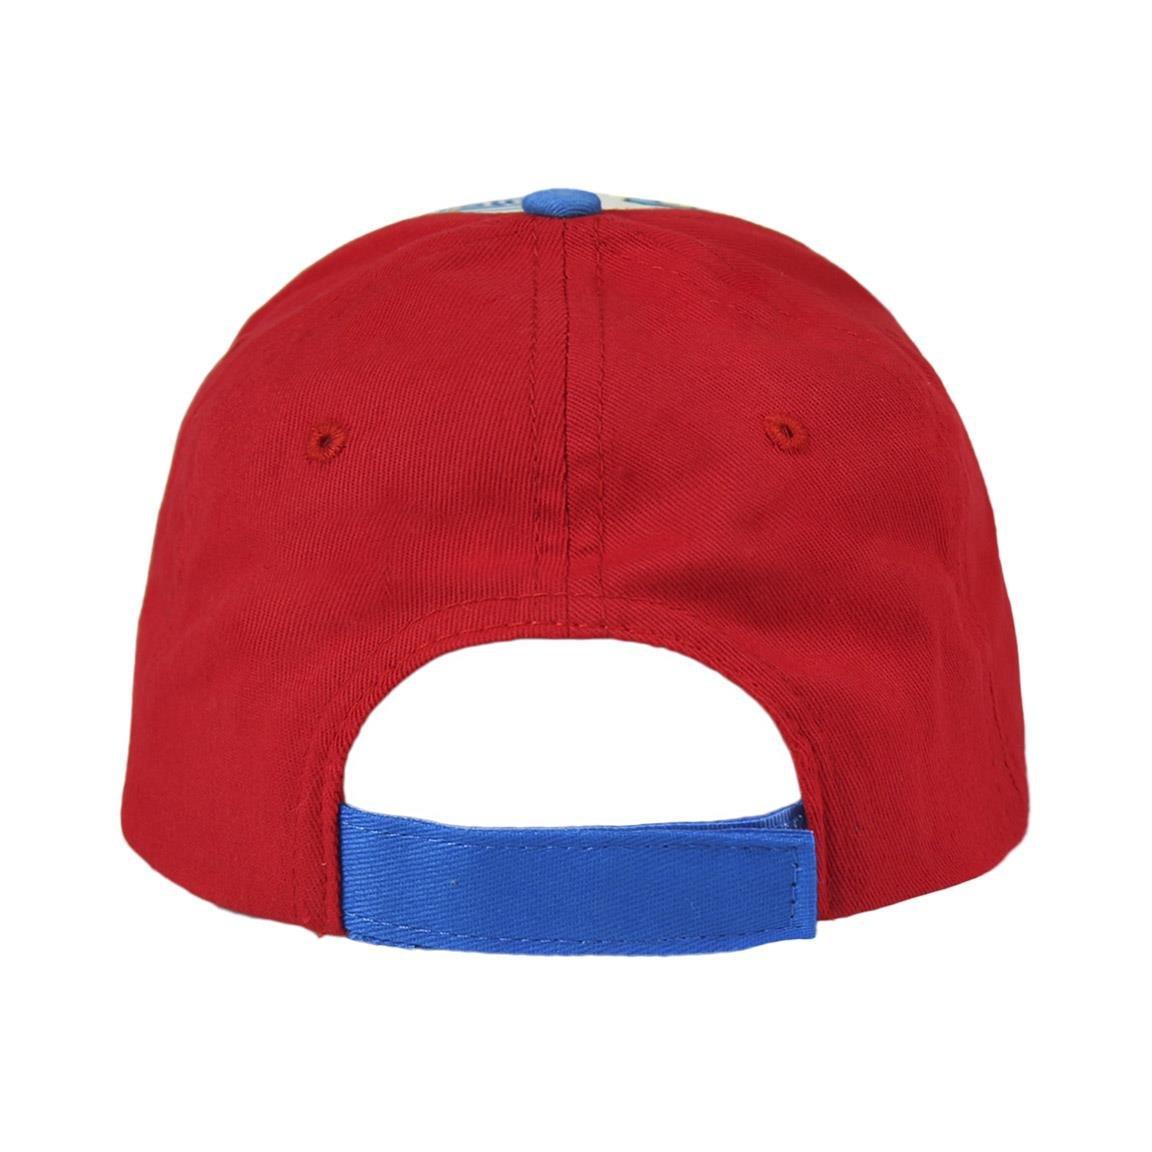 Paw Patrol 2200-2003 Cappello Visiera Cotone Multicolore Bambini